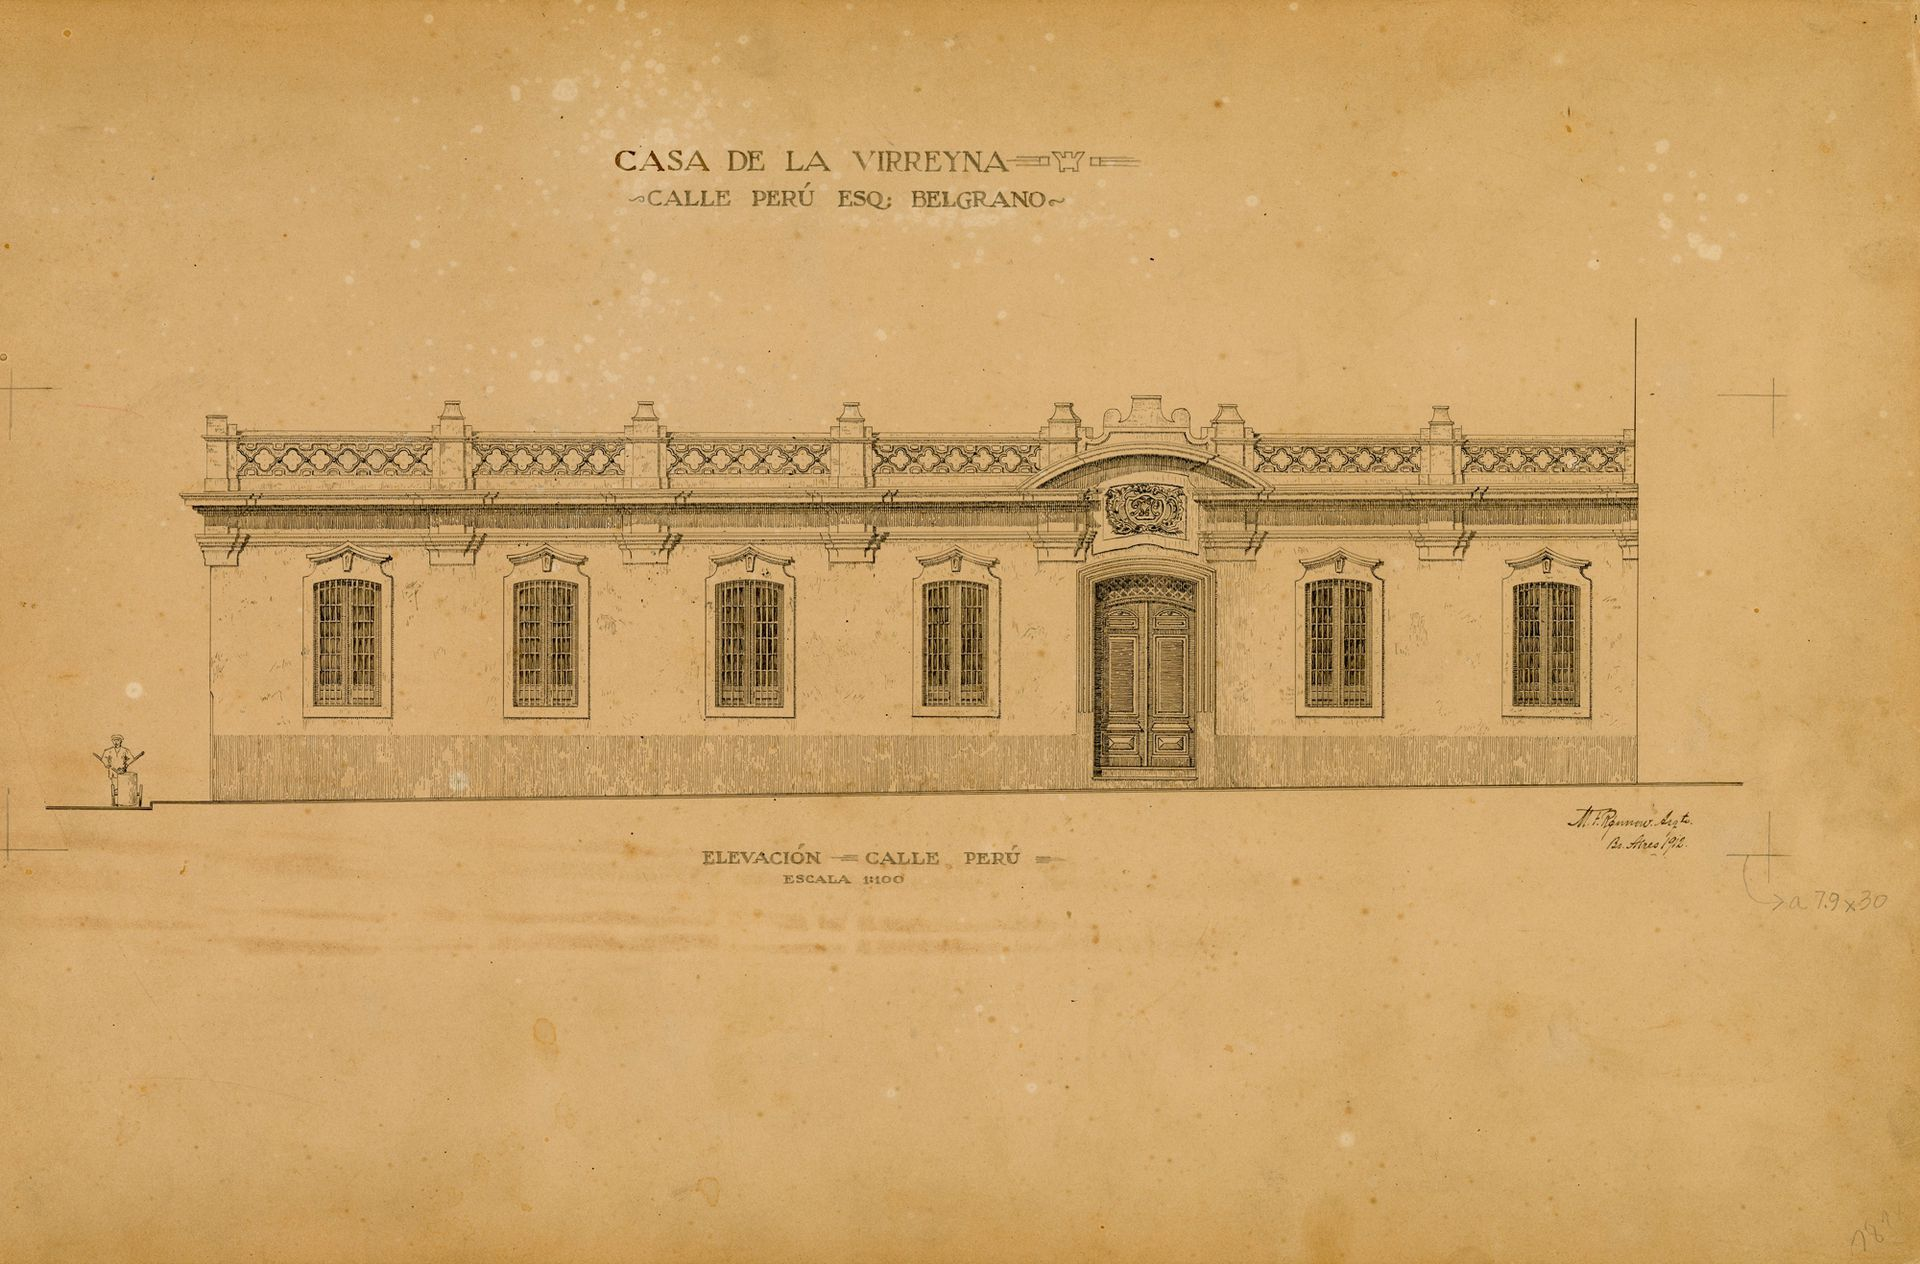 Uno de los croquis que el arquitecto Rönnow donó a la Escuela de Arquitectura antes de la demolición.